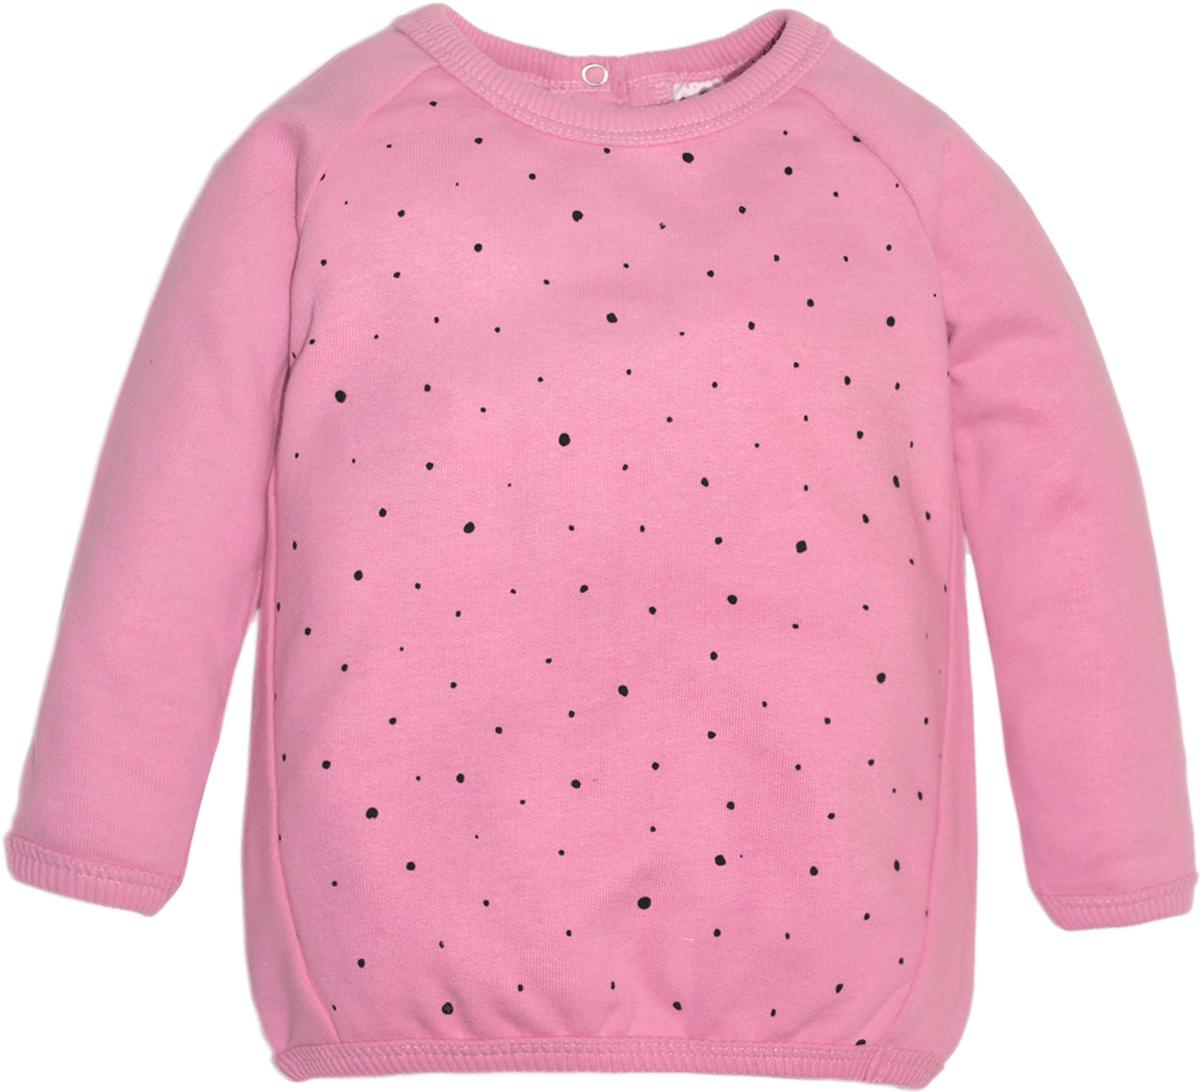 Свитшот для девочки Lets Go, цвет: розовый. 6142. Размер 746142Стильный свитшот Lets Go для девочки выполнен из хлопка. Модель с круглым вырезом горловины и длинными рукавами застегивается сзади на кнопку.